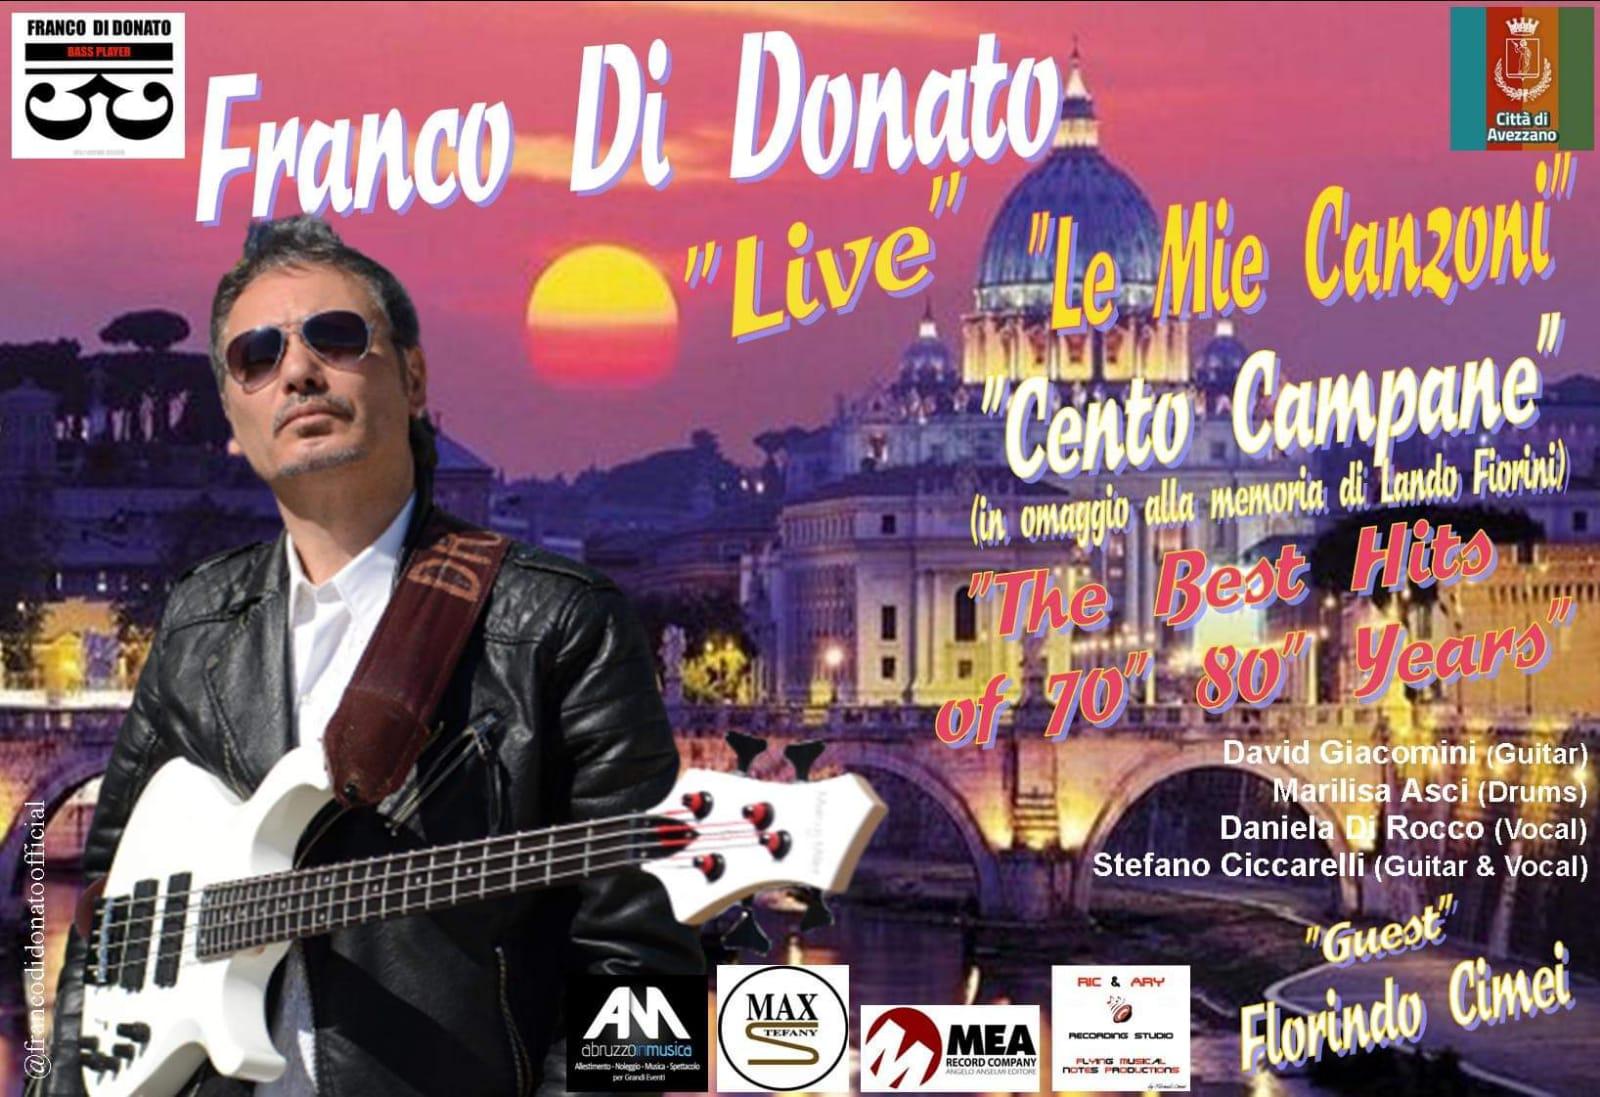 Franco Di Donato live in Piazza Risorgimento